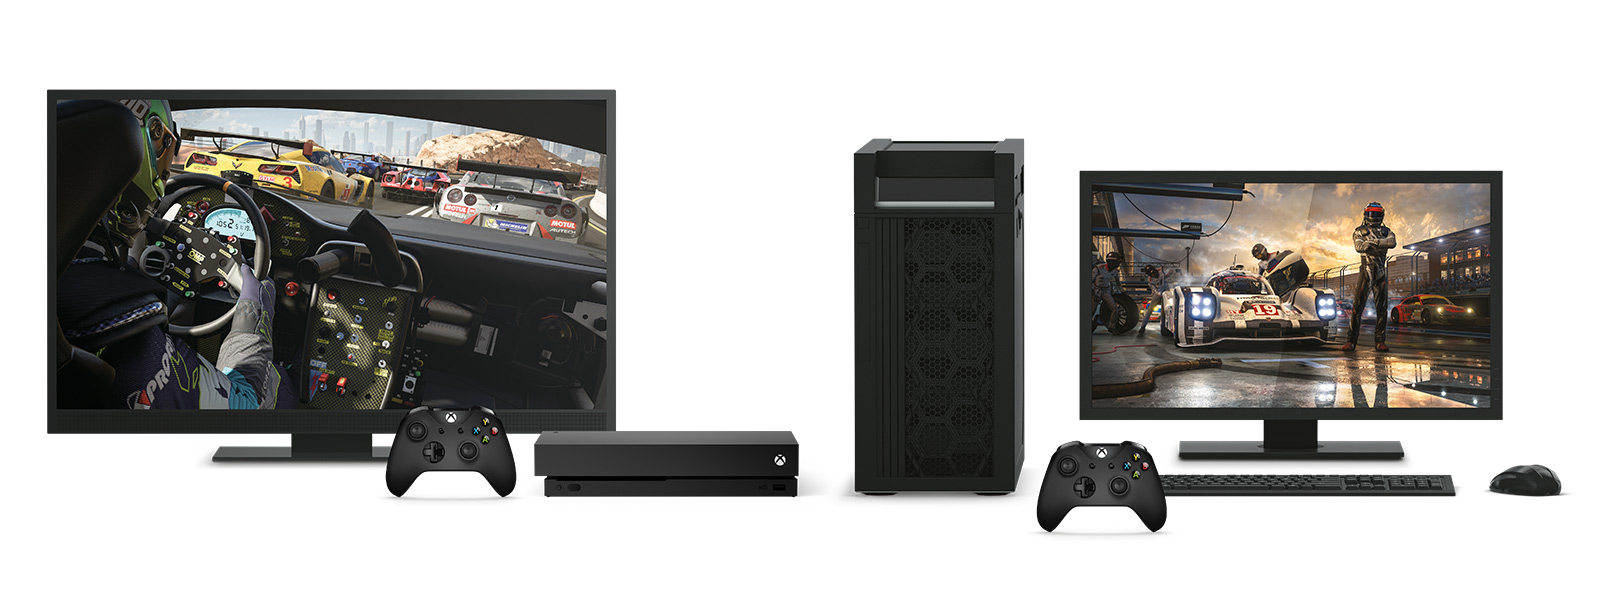 Xbox One X och en 4K-datorenhet med Forza Motorsport 7 på en TV och en datorskärm